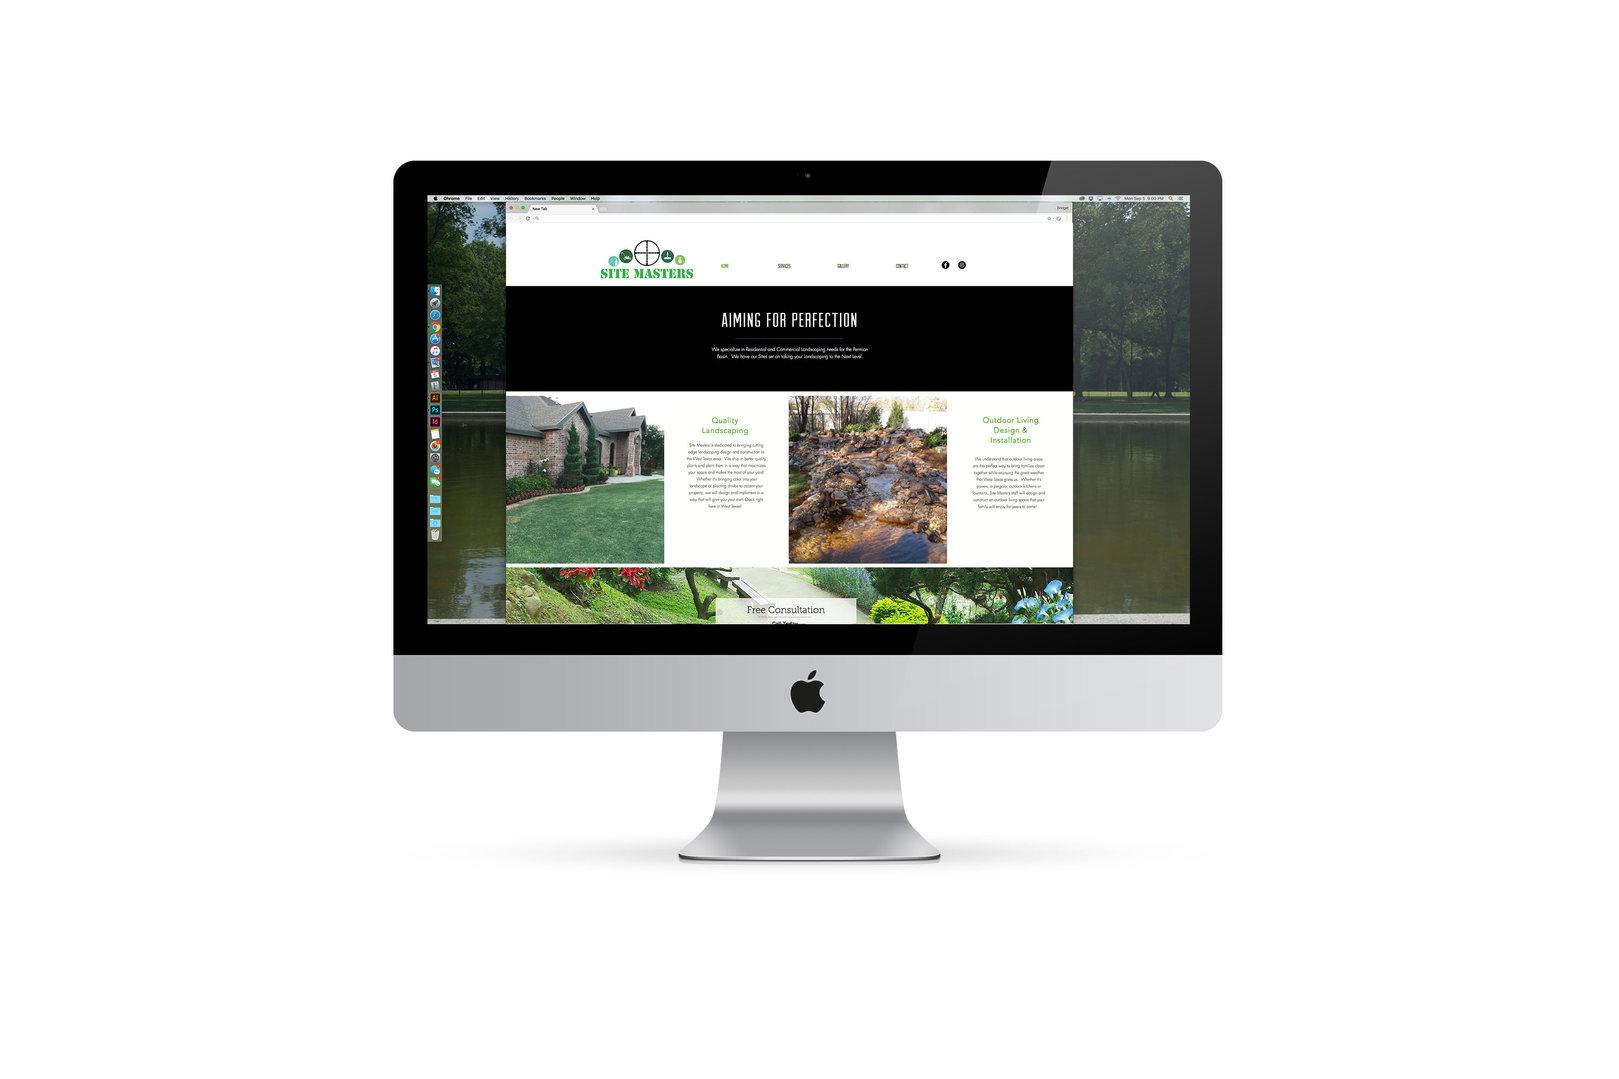 iMac-sitemasterswebsite.jpg